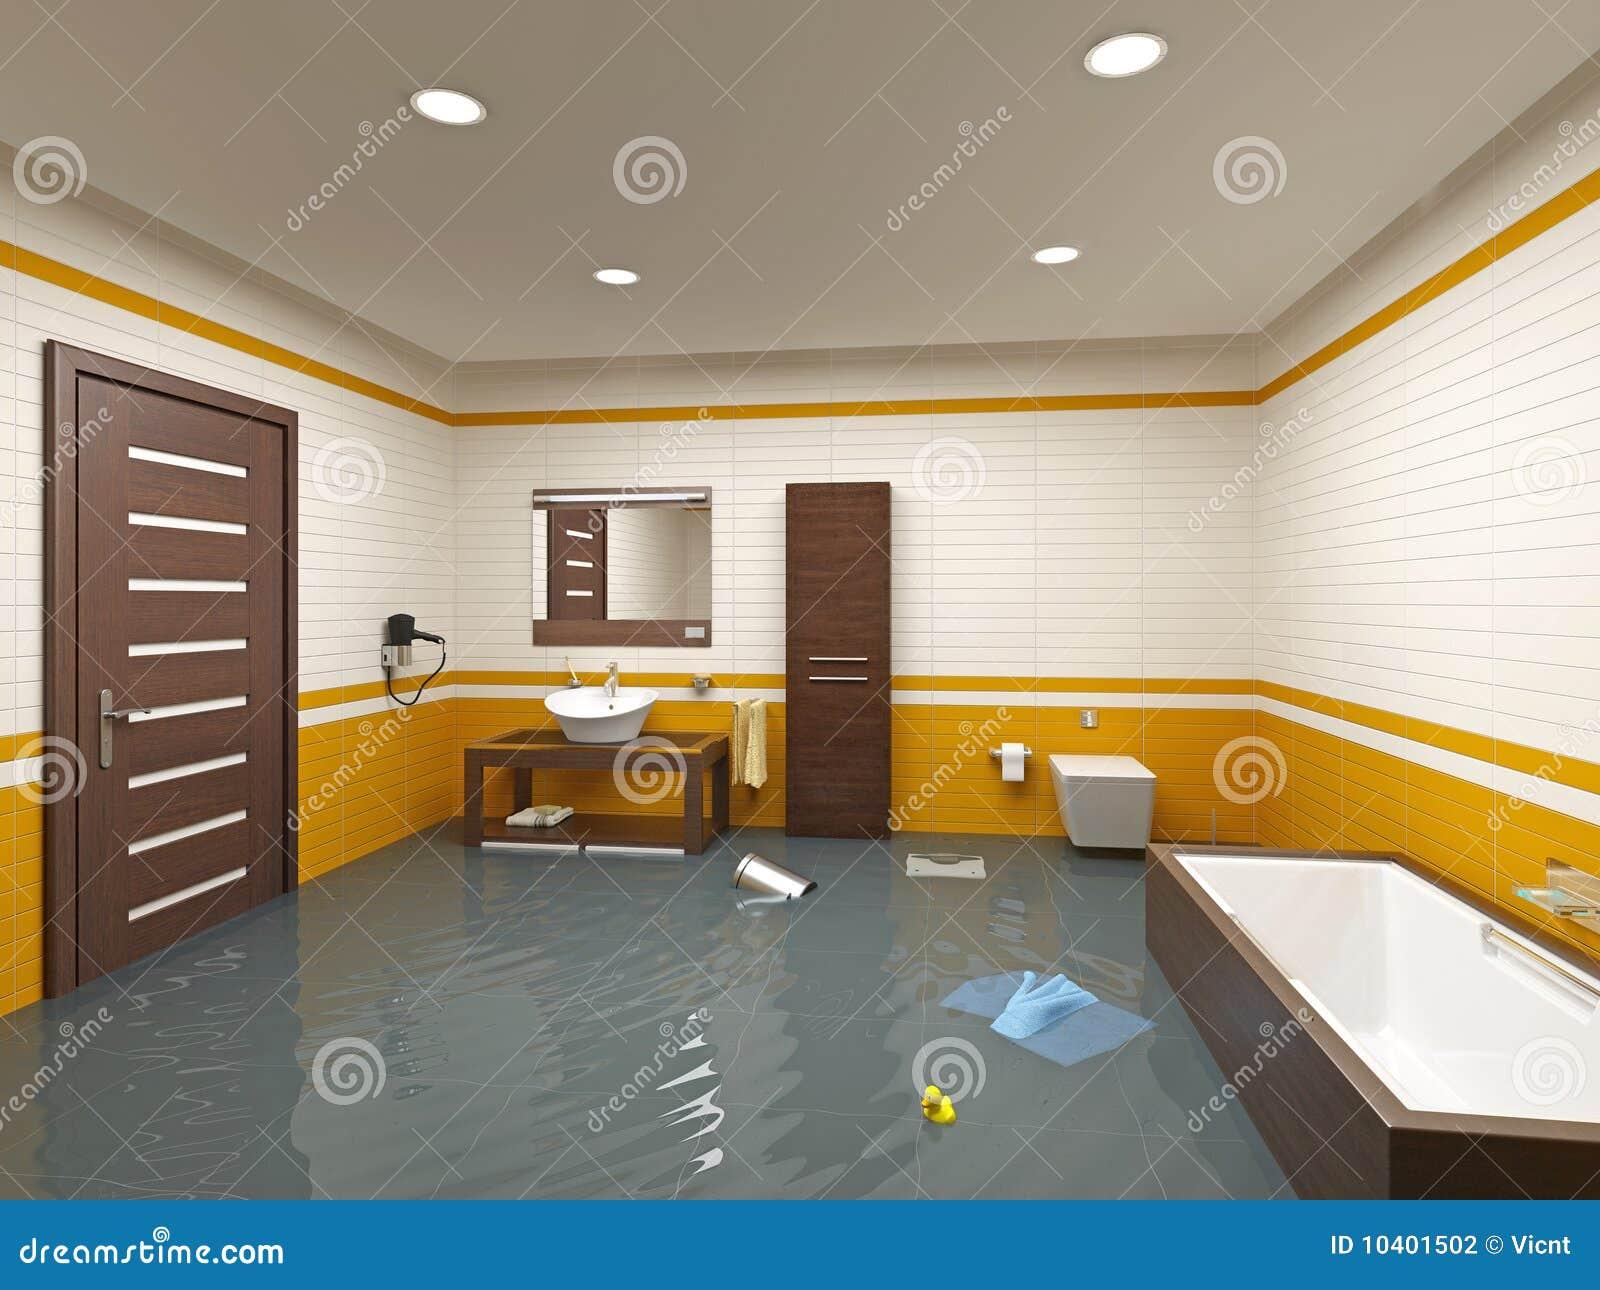 Überschwemmungbadezimmer stockfotografie - bild: 10401502, Badezimmer ideen